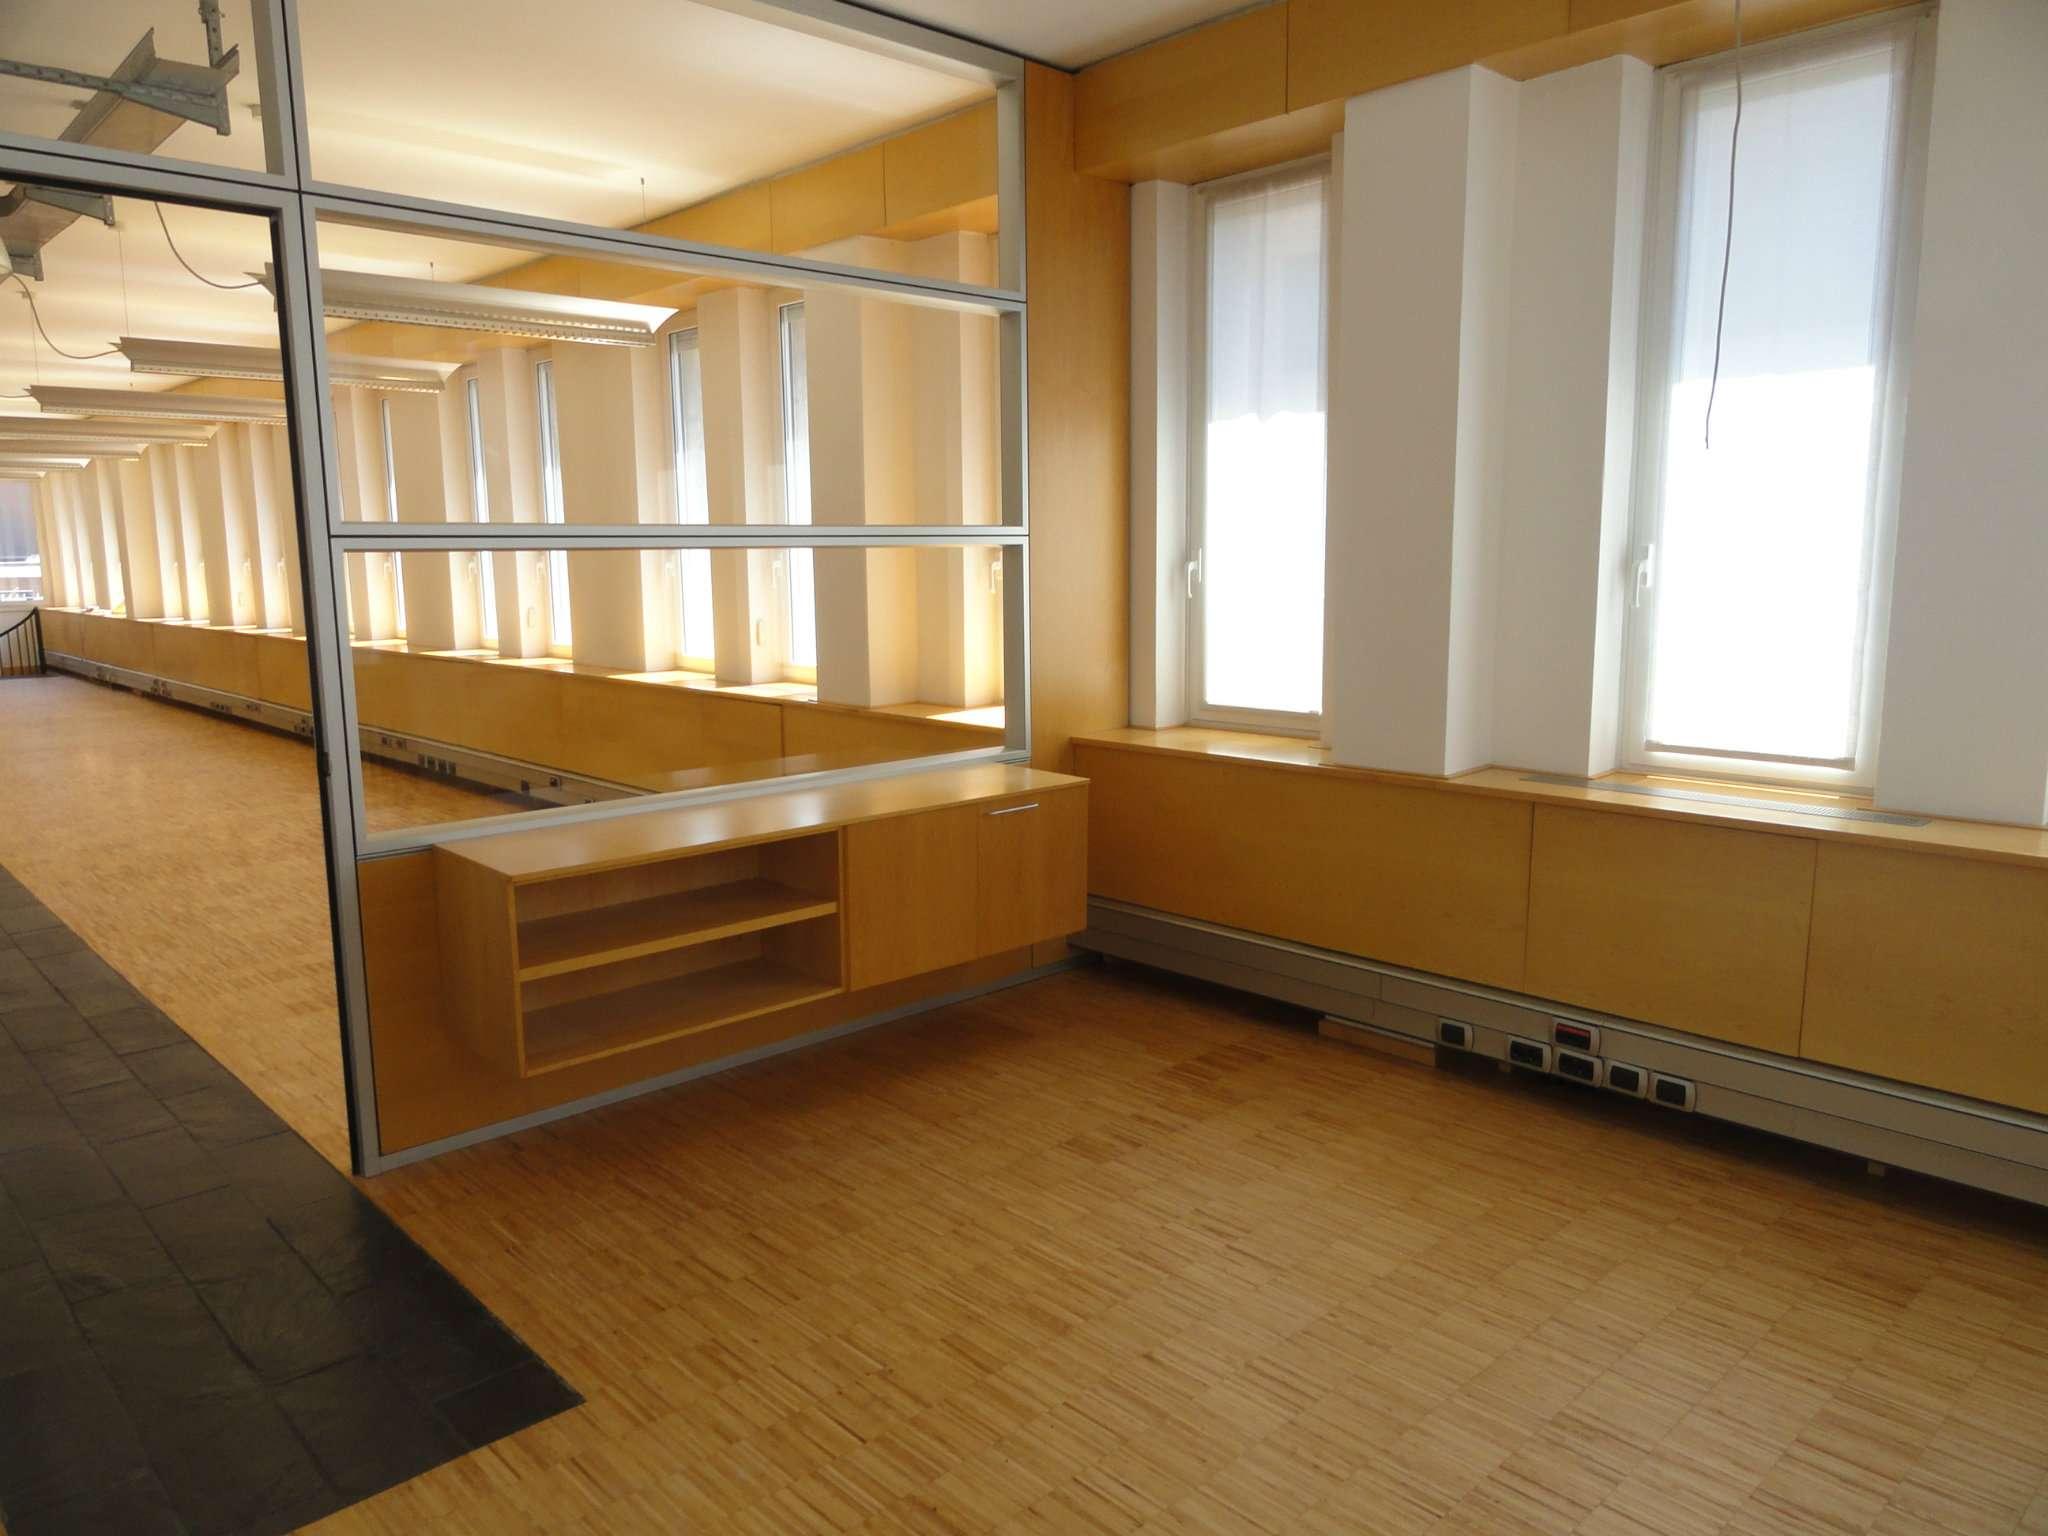 Ufficio-studio in Affitto a Milano 28 Vialba / Musocco / Lampugnano: 5 locali, 280 mq